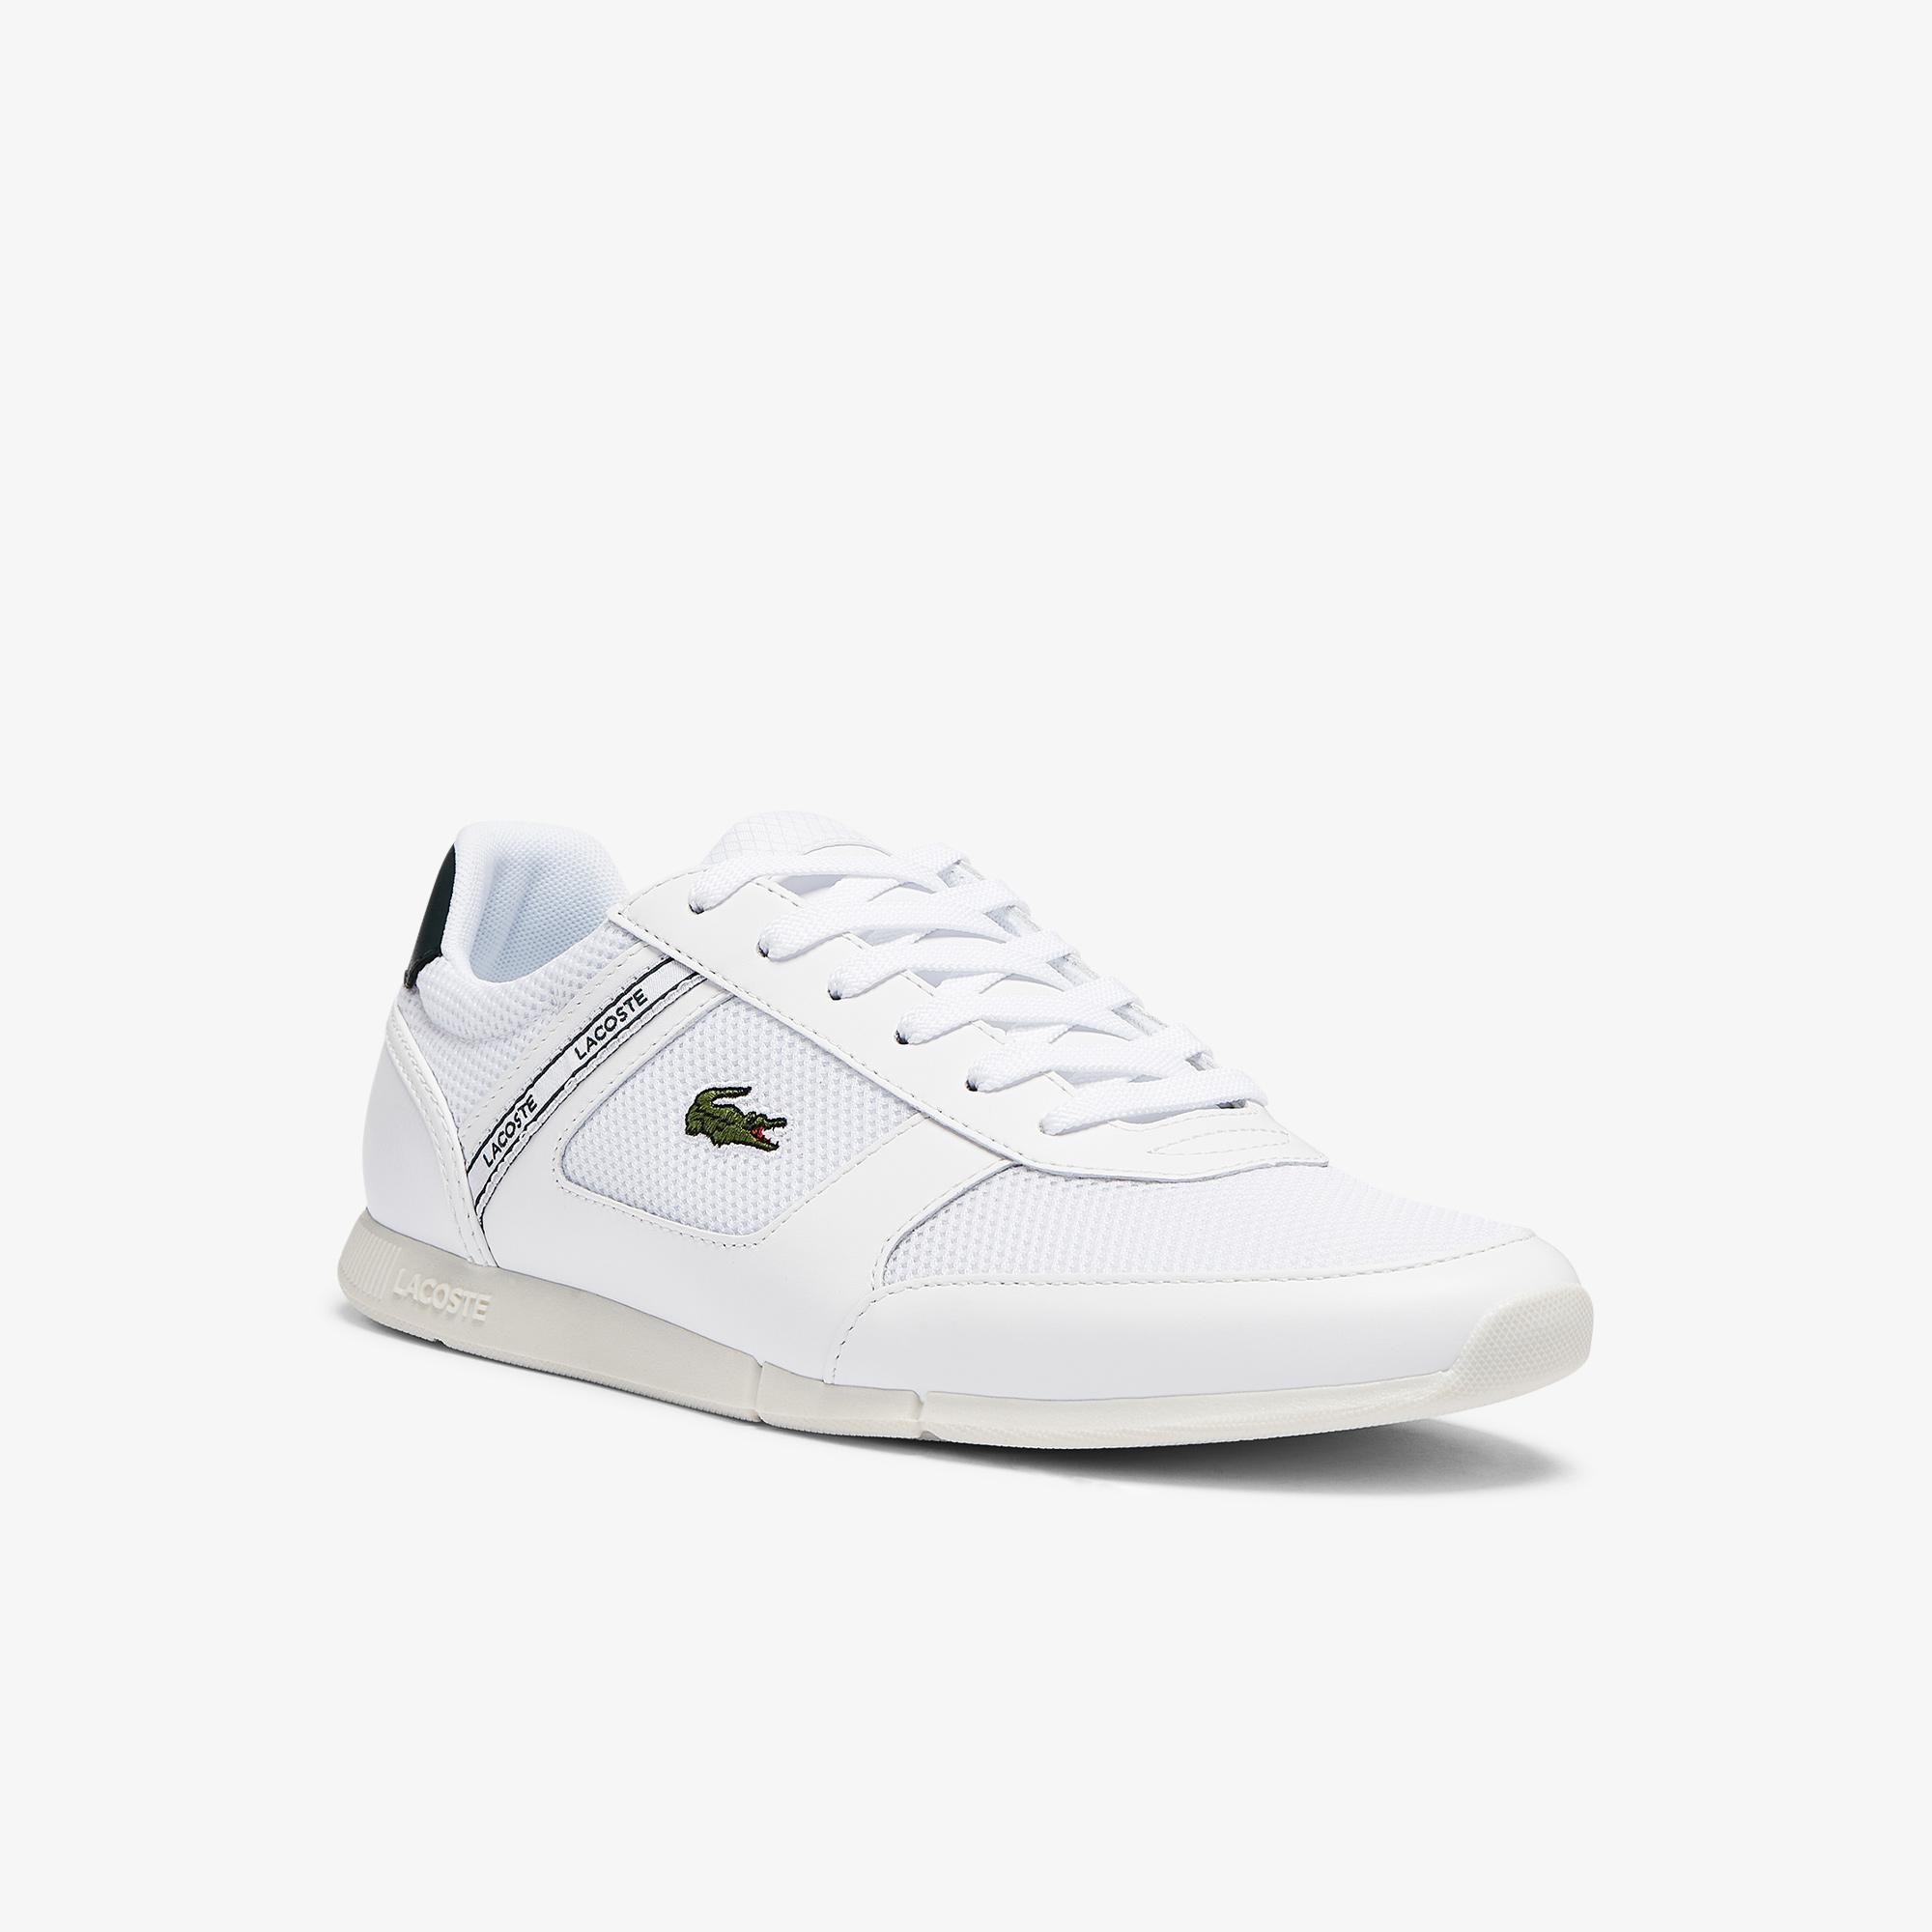 Lacoste Menerva Sport 0721 1 Cma Erkek Beyaz - Koyu Yeşil Sneaker